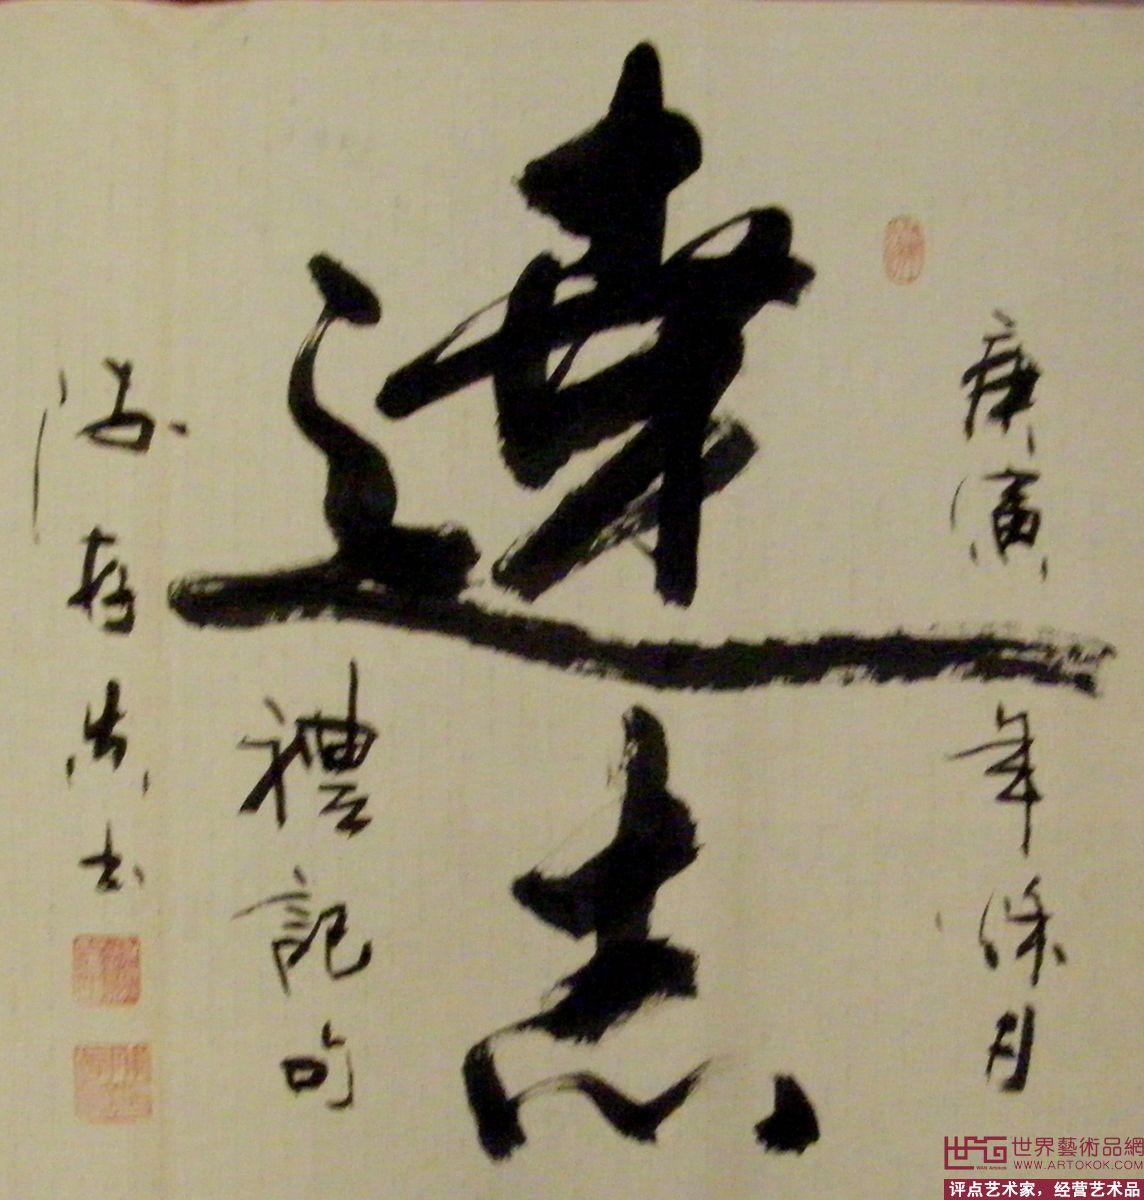 十字绣图案字画书法,江苏字画书法名家,客厅字画 书法 已装裱,字